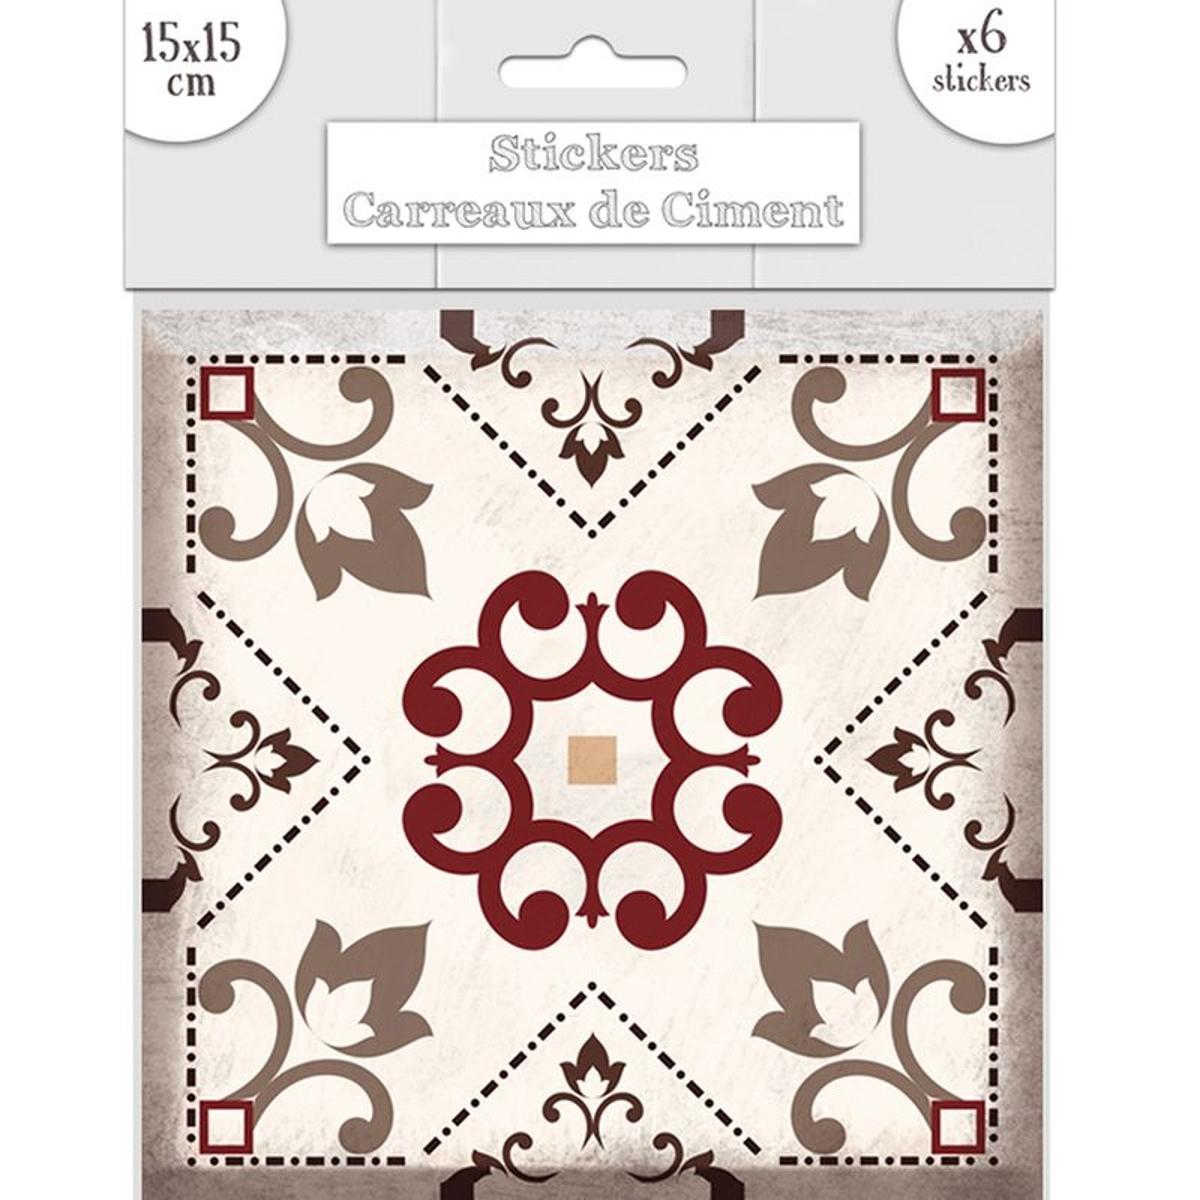 6 stickers carreaux tons gris et marron 15 x 15 cm